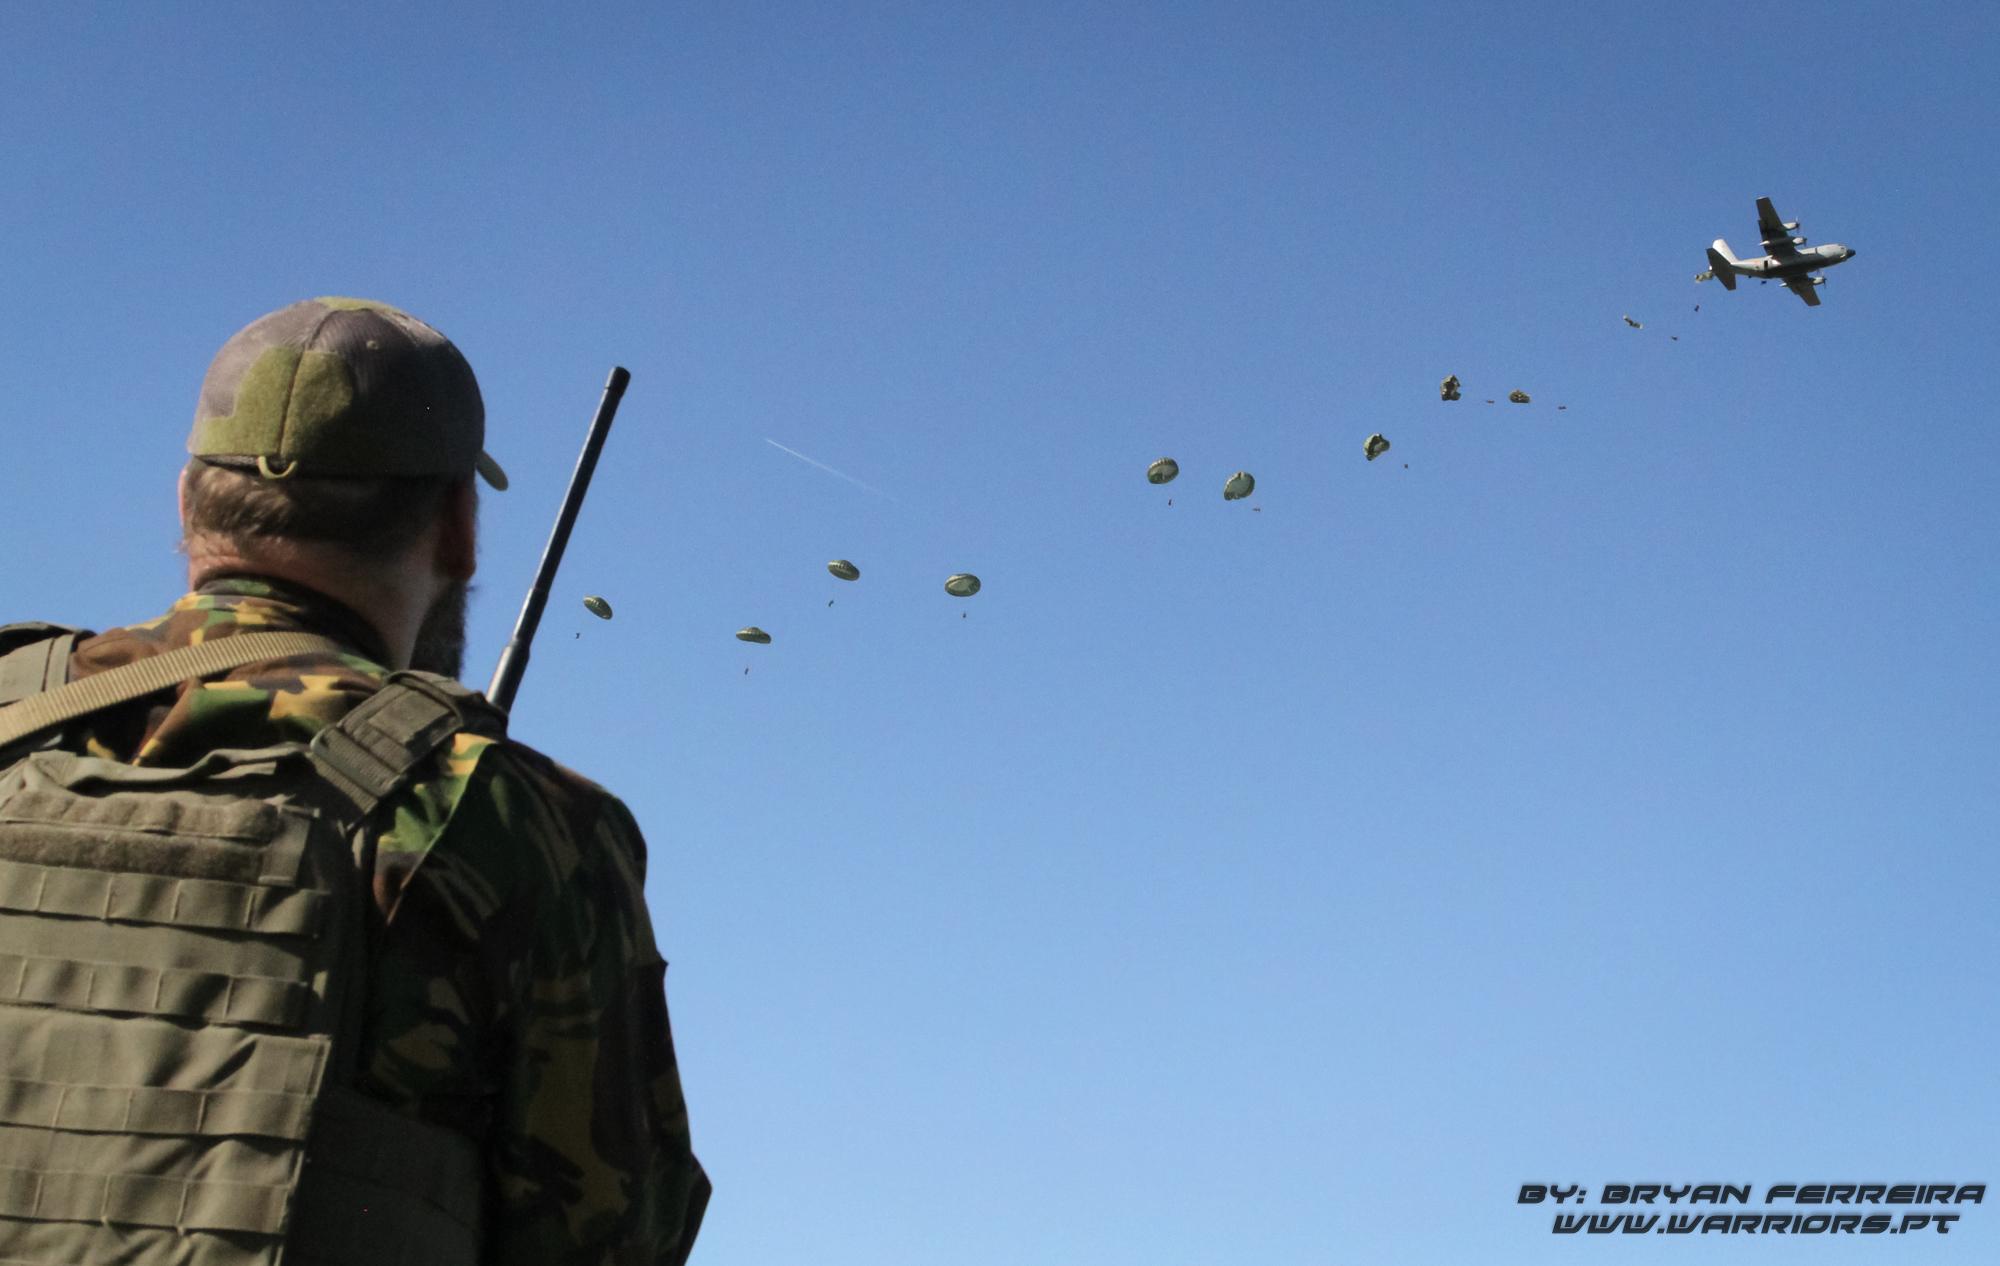 Pathfinder Holandês conduz o lançamento de Paraquedistas Portugueses através de um C130 Português